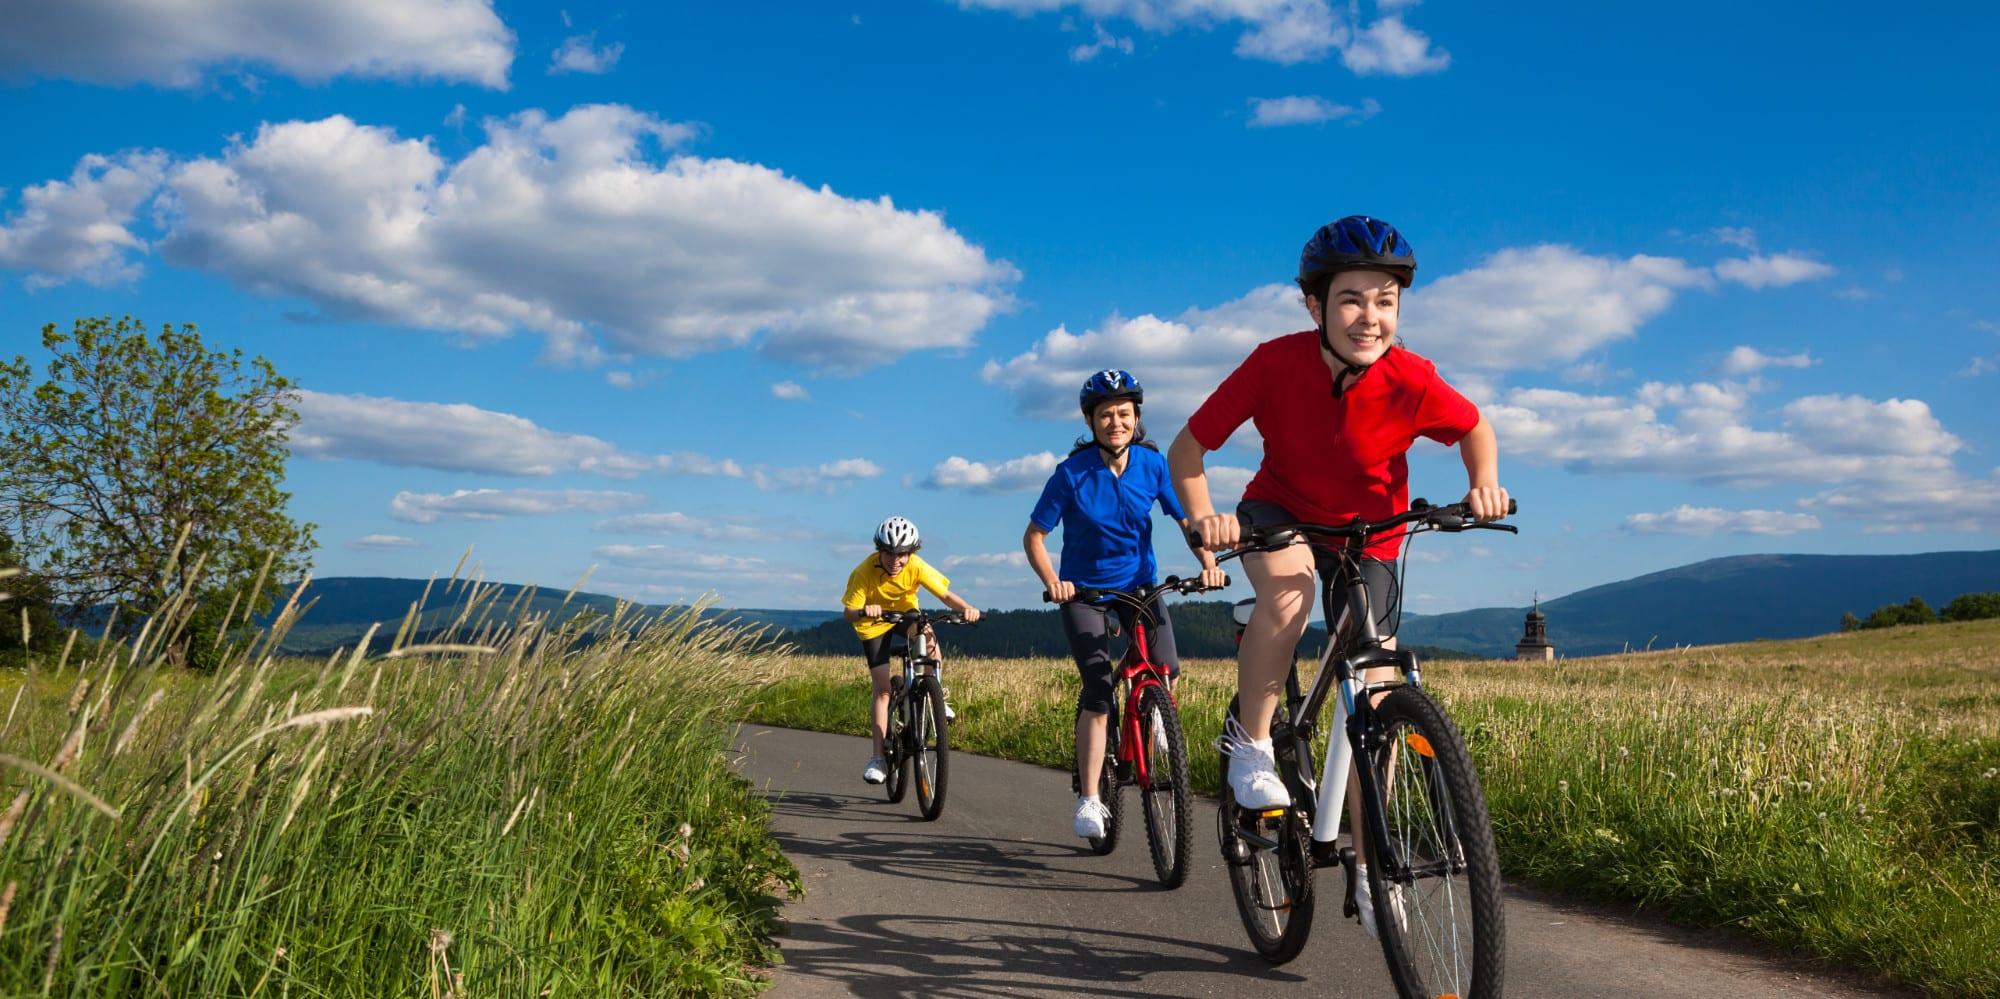 Children riding